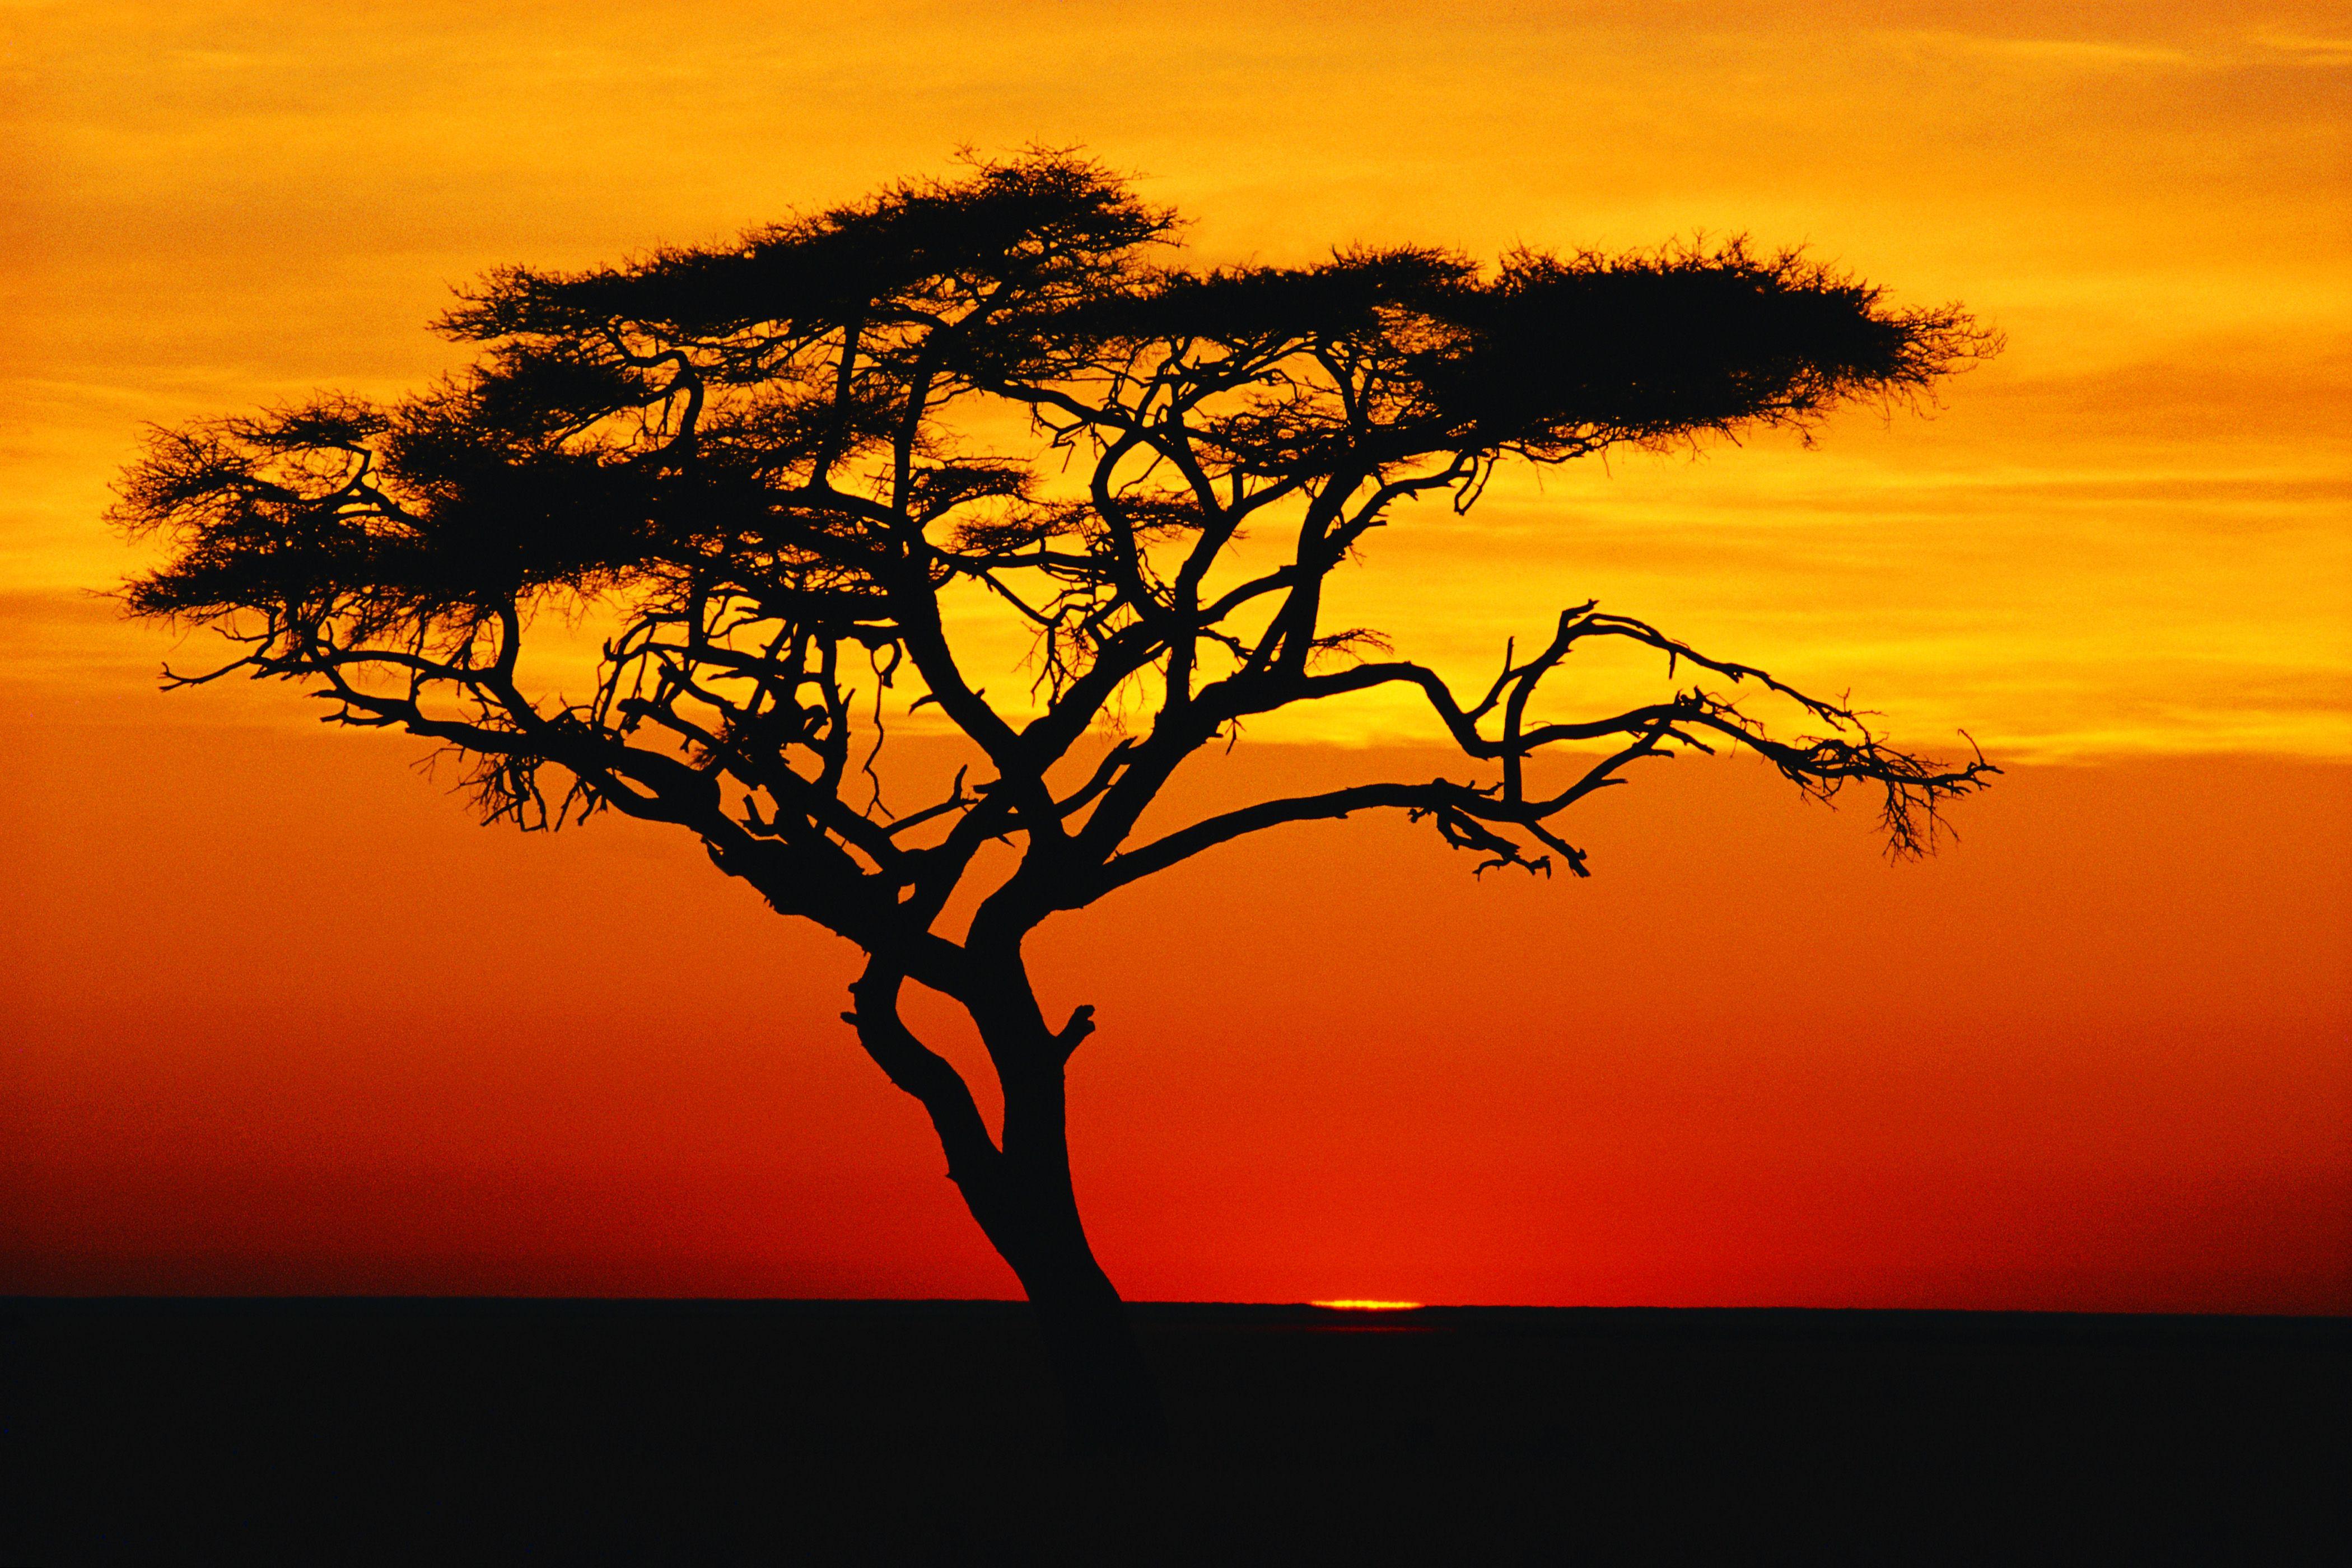 Fondos De Pantalla Hd Naturaleza Africa Sunset Sunset Pictures African Sunset